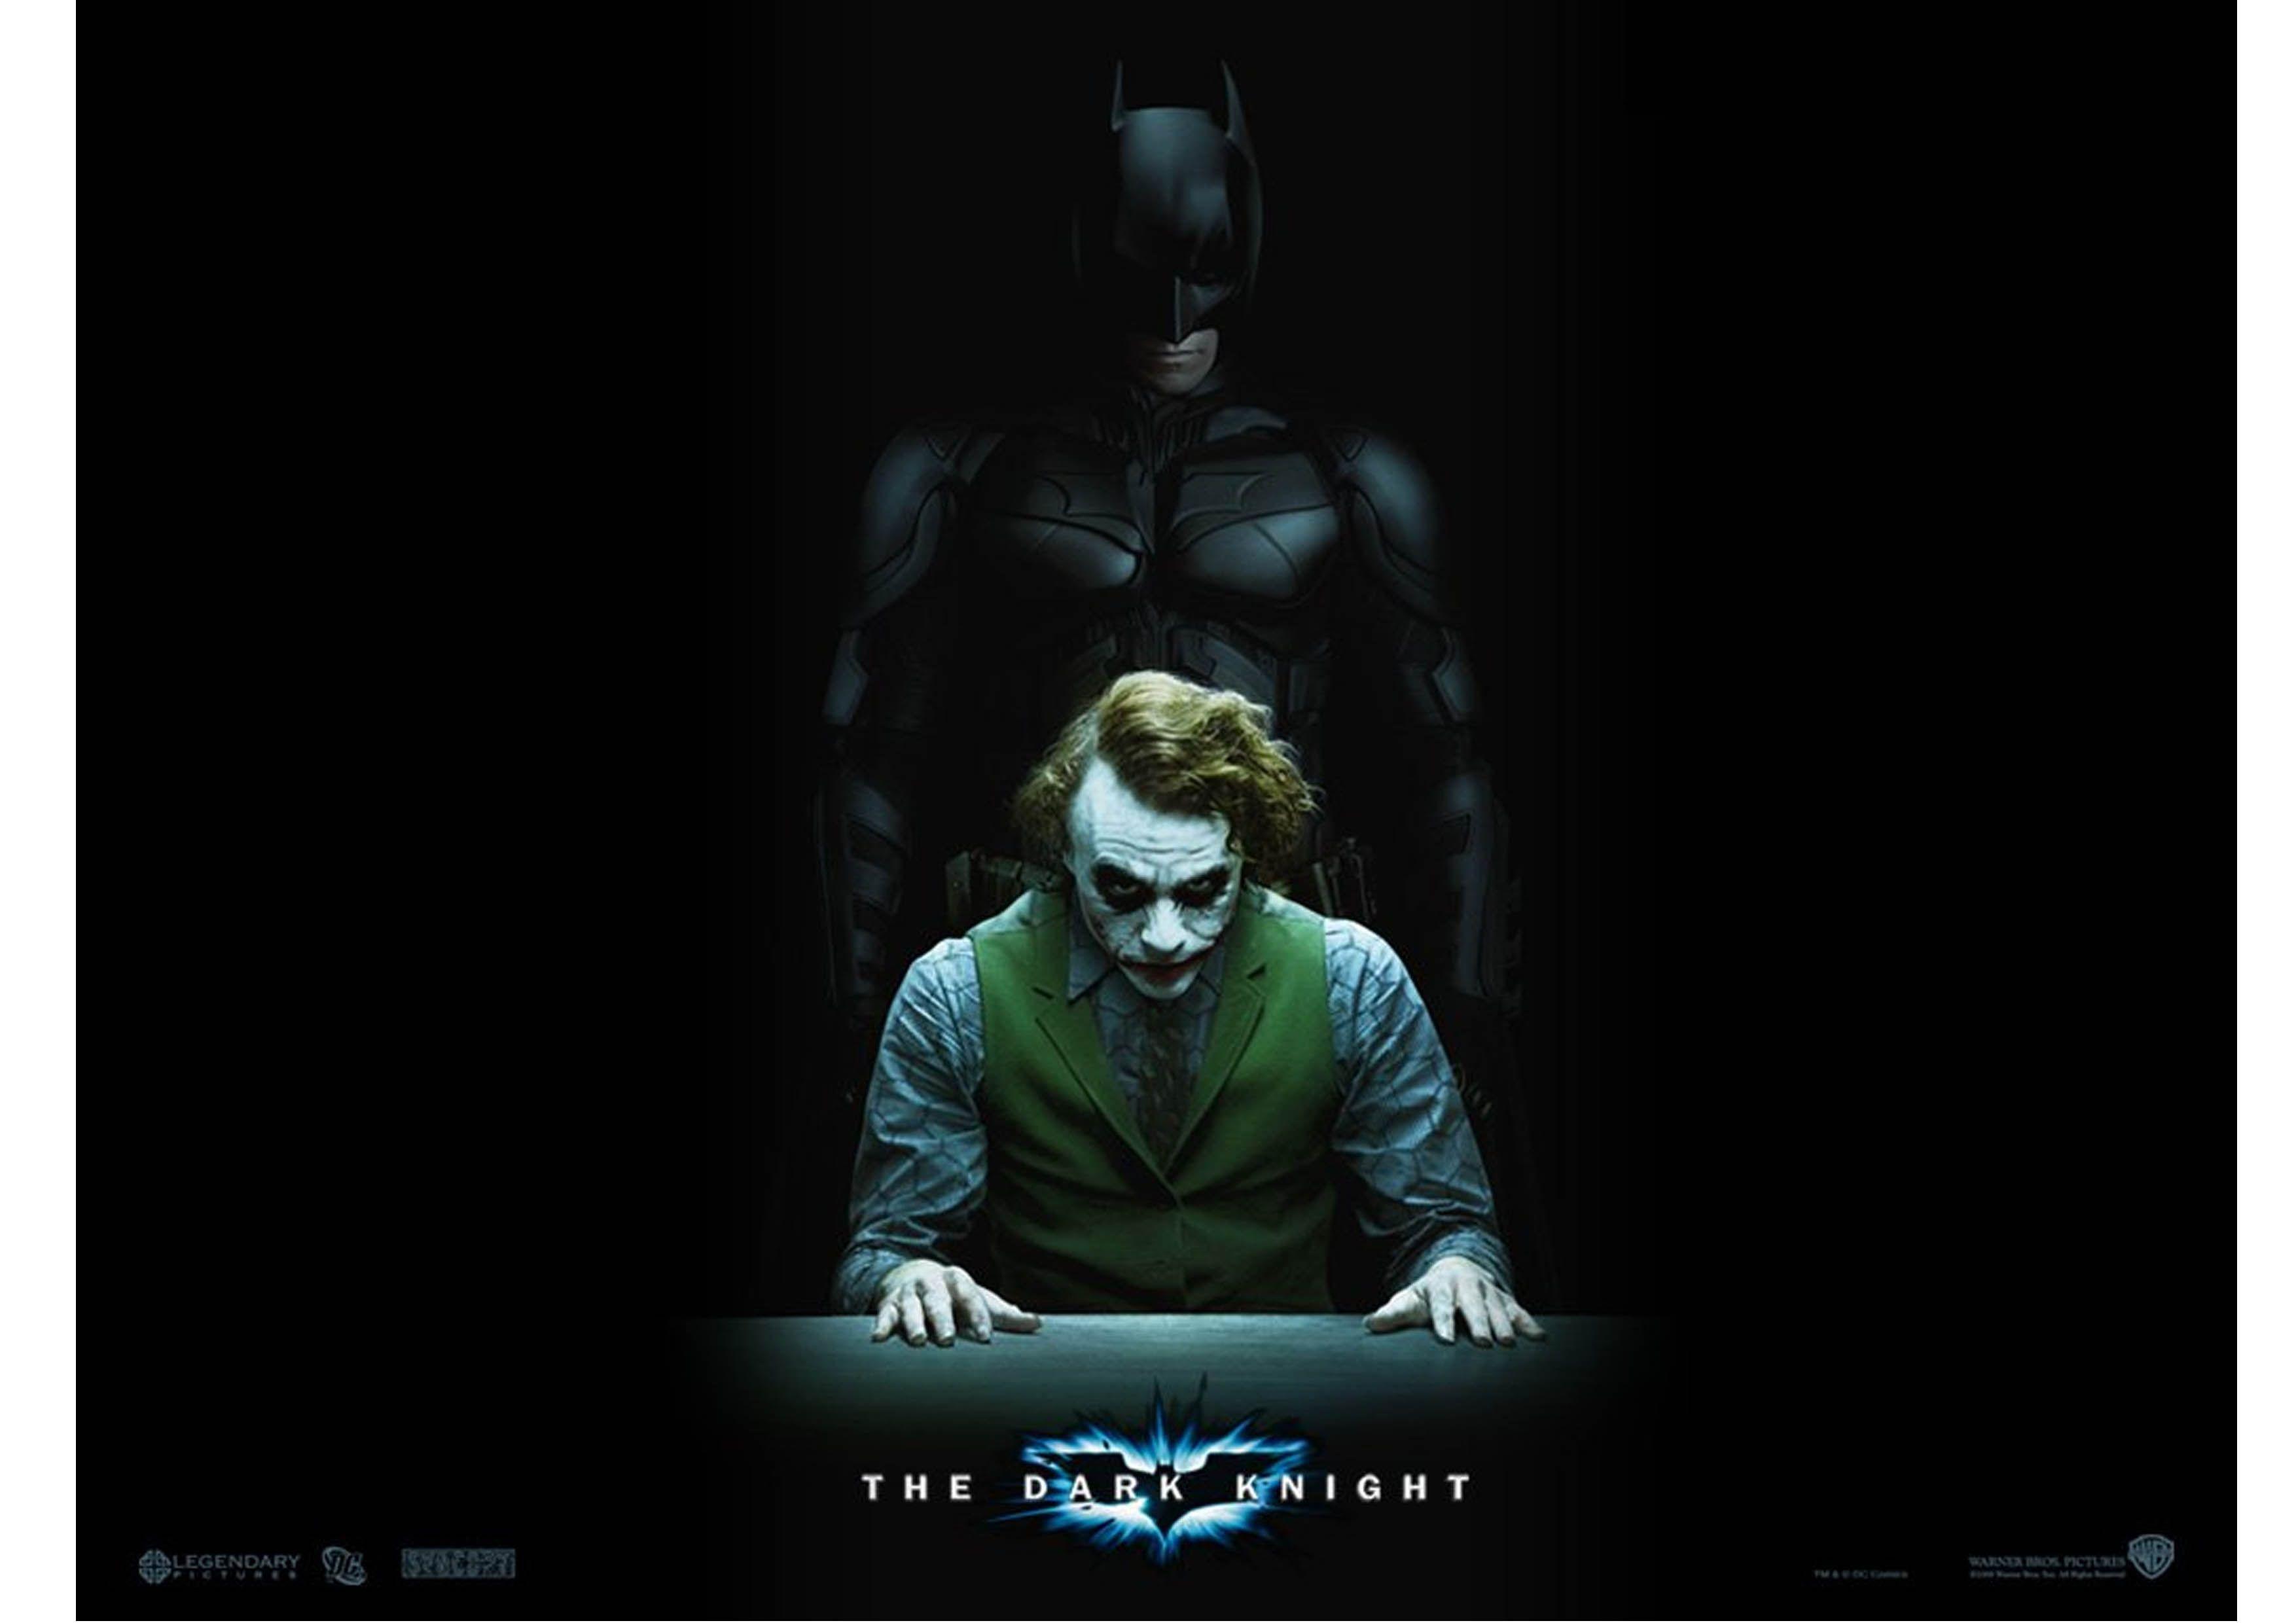 The Dark Knight Poster 2008 Dark knight wallpaper, Dark